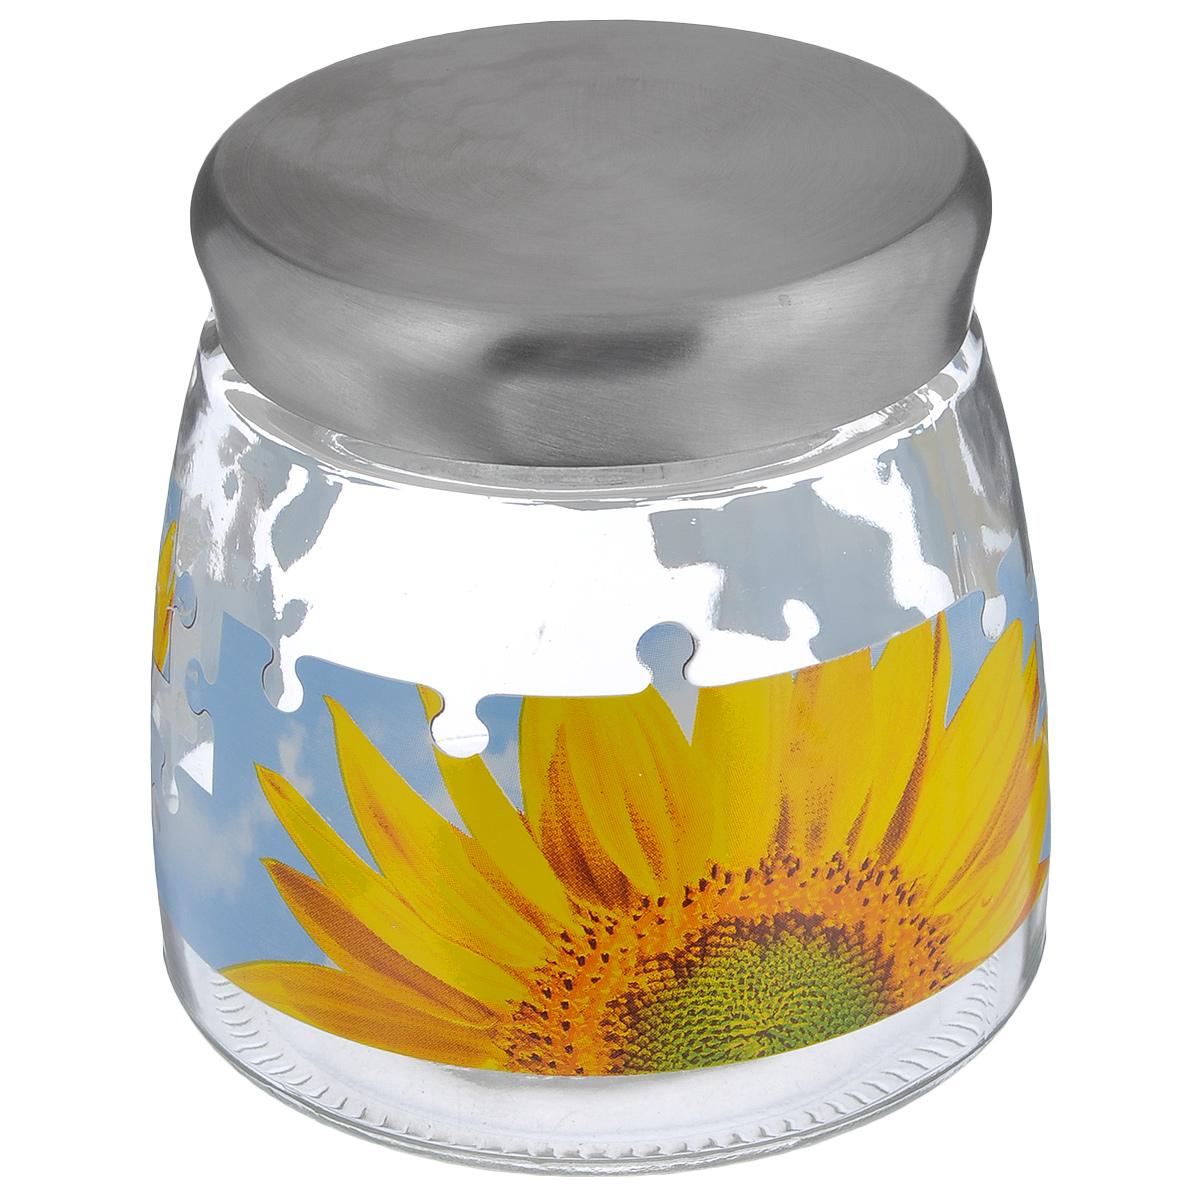 Банка для сыпучих продуктов Cerve Пазл подсолнух, цвет: прозрачный, желтый, голубой, 980 млCEM42230Банка для сыпучих продуктов Cerve Пазл подсолнух изготовлена из прочного стекла и декорирована красочным рисунком. Банка оснащена плотно закрывающейся металлической крышкой. Благодаря этому внутри сохраняется герметичность, и продукты дольше остаются свежими. Изделие предназначено для хранения различных сыпучих продуктов: круп, чая, сахара, орехов и многого другого. Функциональная и вместительная, такая банка станет незаменимым аксессуаром на любой кухне. Можно мыть в посудомоечной машине. Диаметр (по верхнему краю): 9 см. Высота банки (без учета крышки): 12,2 см. Диаметр дна банки: 12 см.